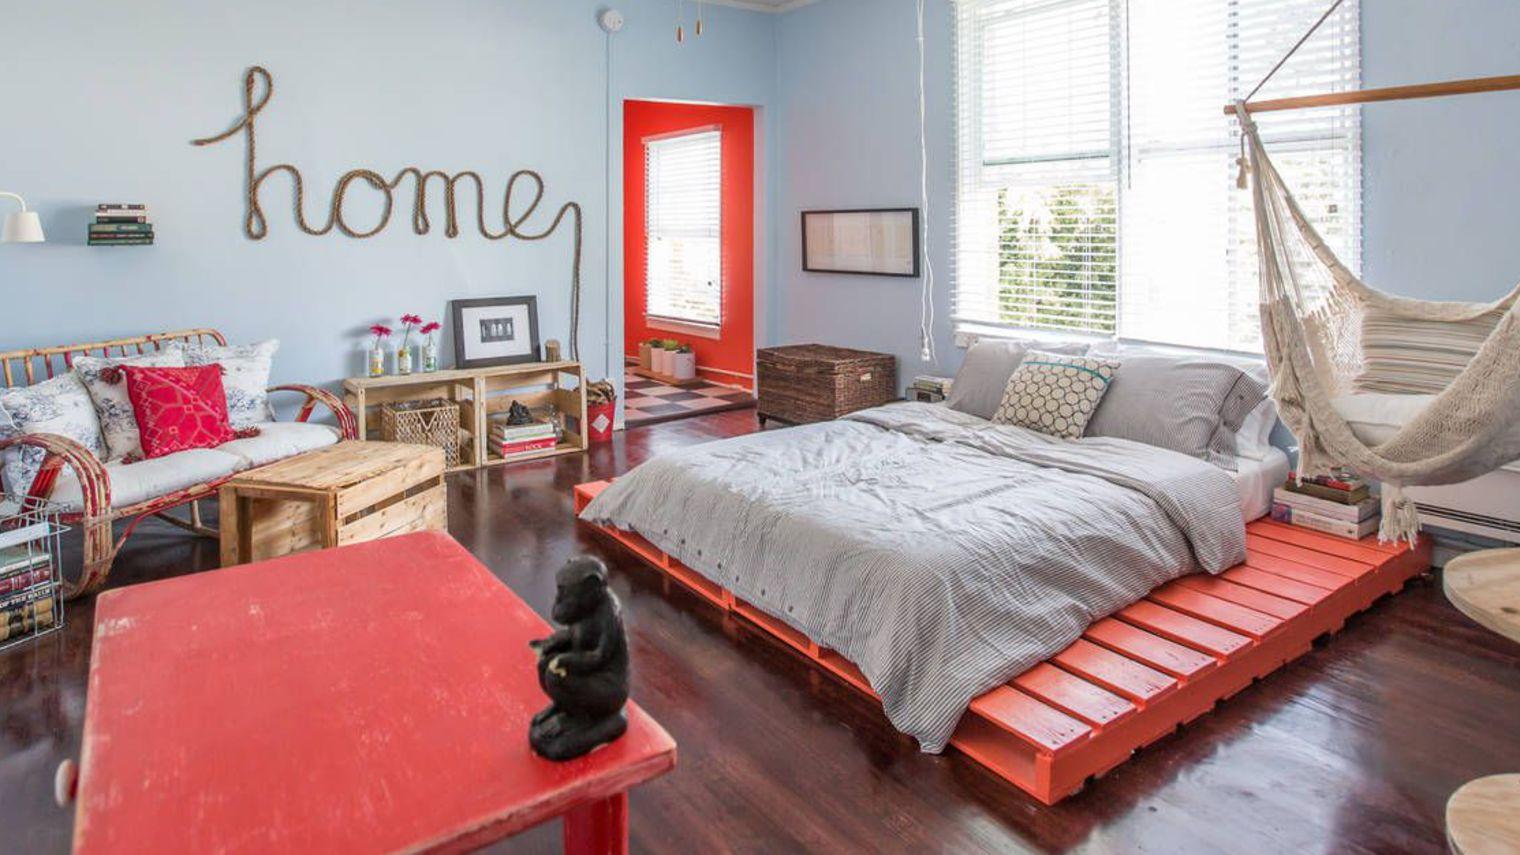 Comment choisir son papier peint et ses tableaux pour d corer son appartement deco in for Decorer son appartement